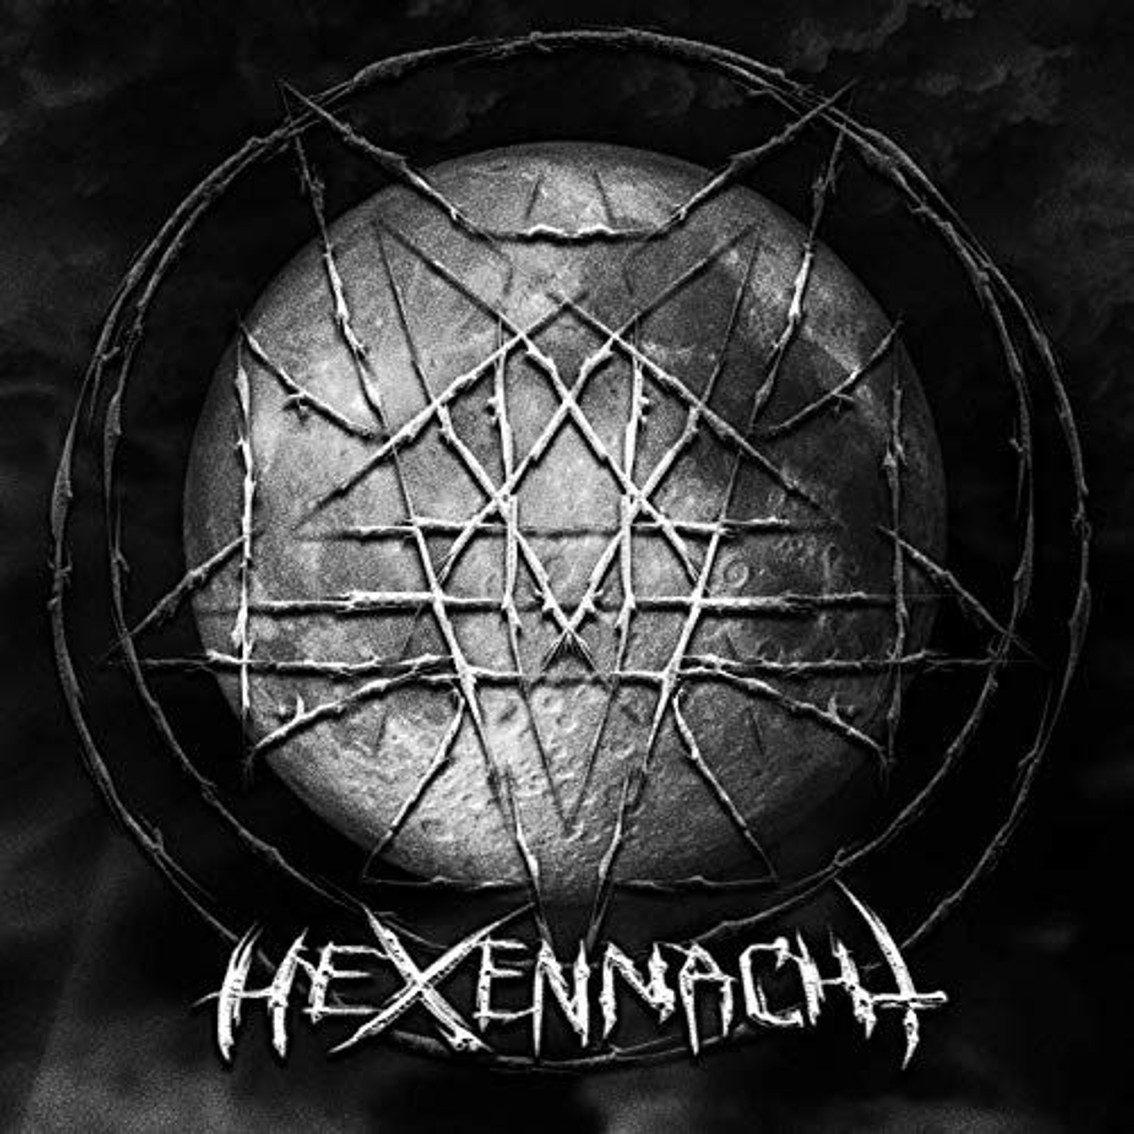 Brand new Hanzel Und Gretyl expected next week: 'Hexennacht'